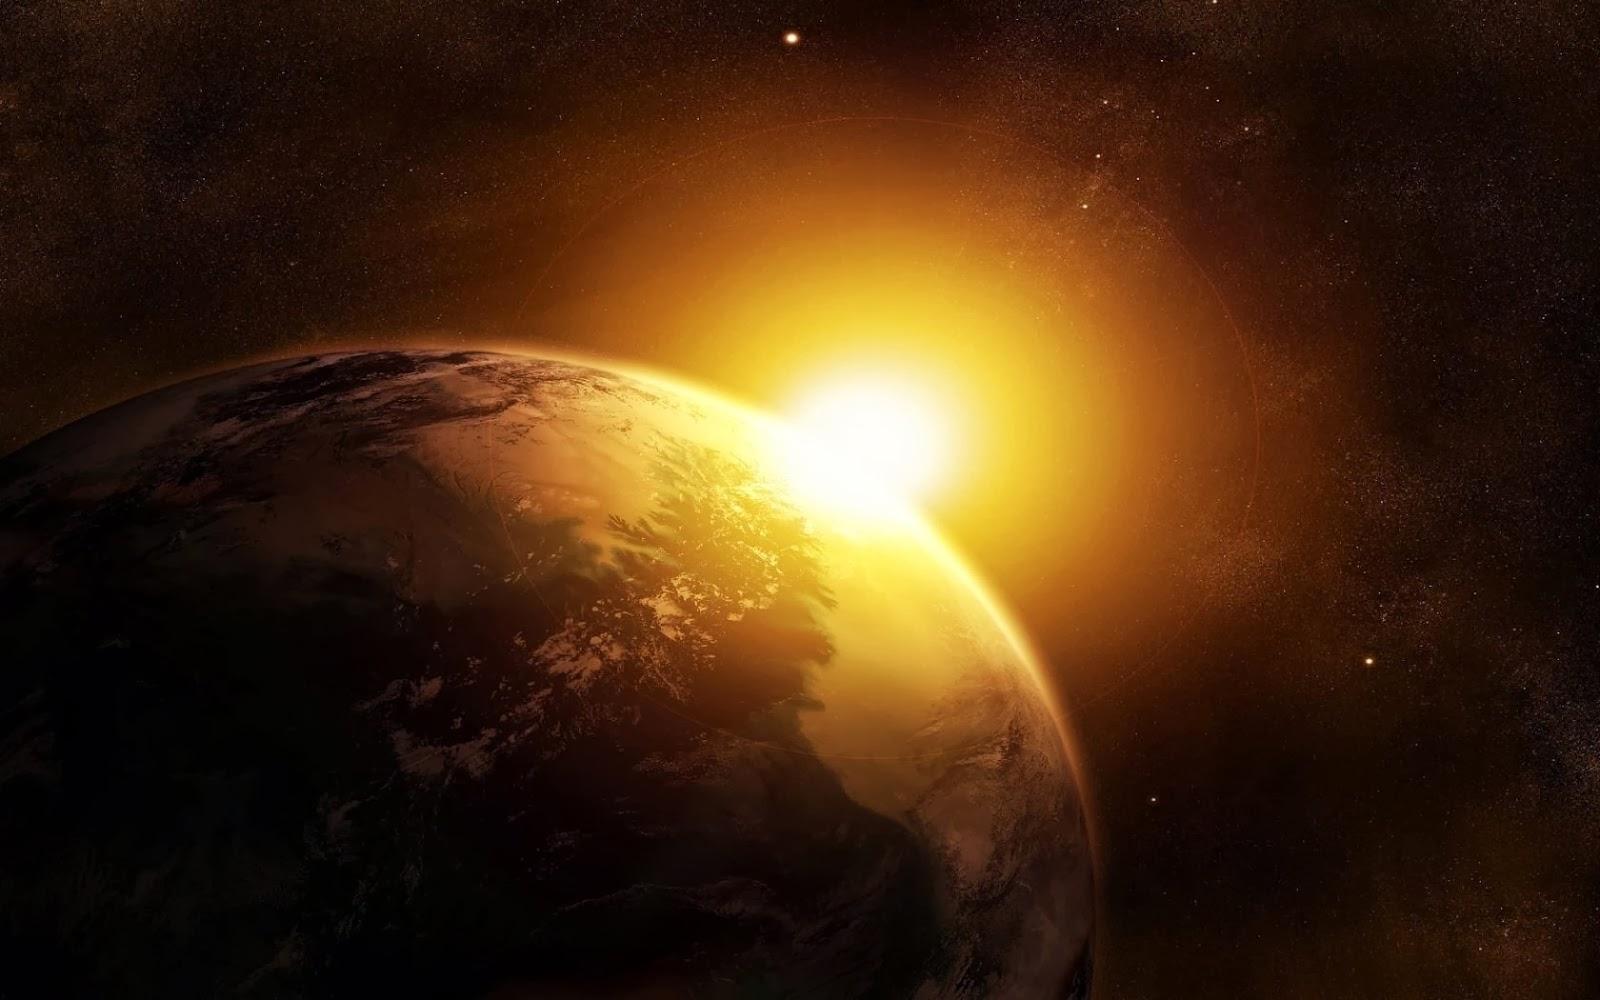 el sol El sòl o terreny és el material natural disgregable fàcilment sota l'acció de petits esforços que resulta de la meteorització (física o química) de les roques.